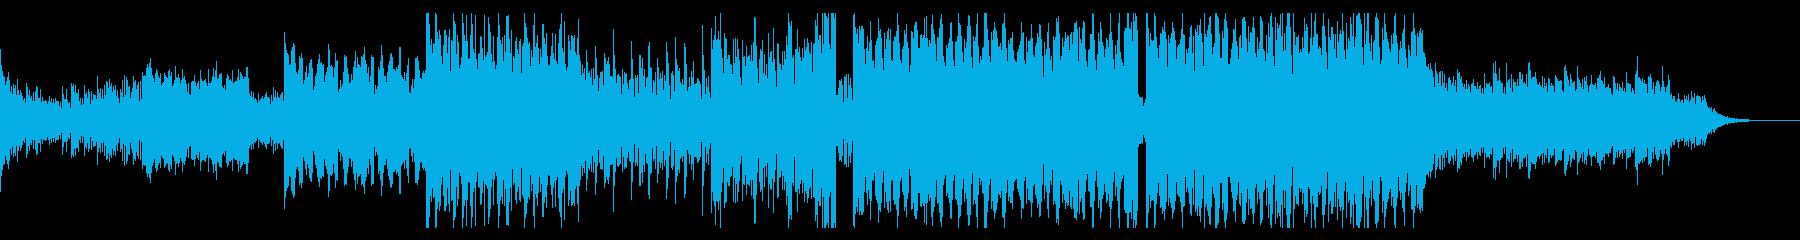 サビのリードが特徴的な爽やかEDMの再生済みの波形